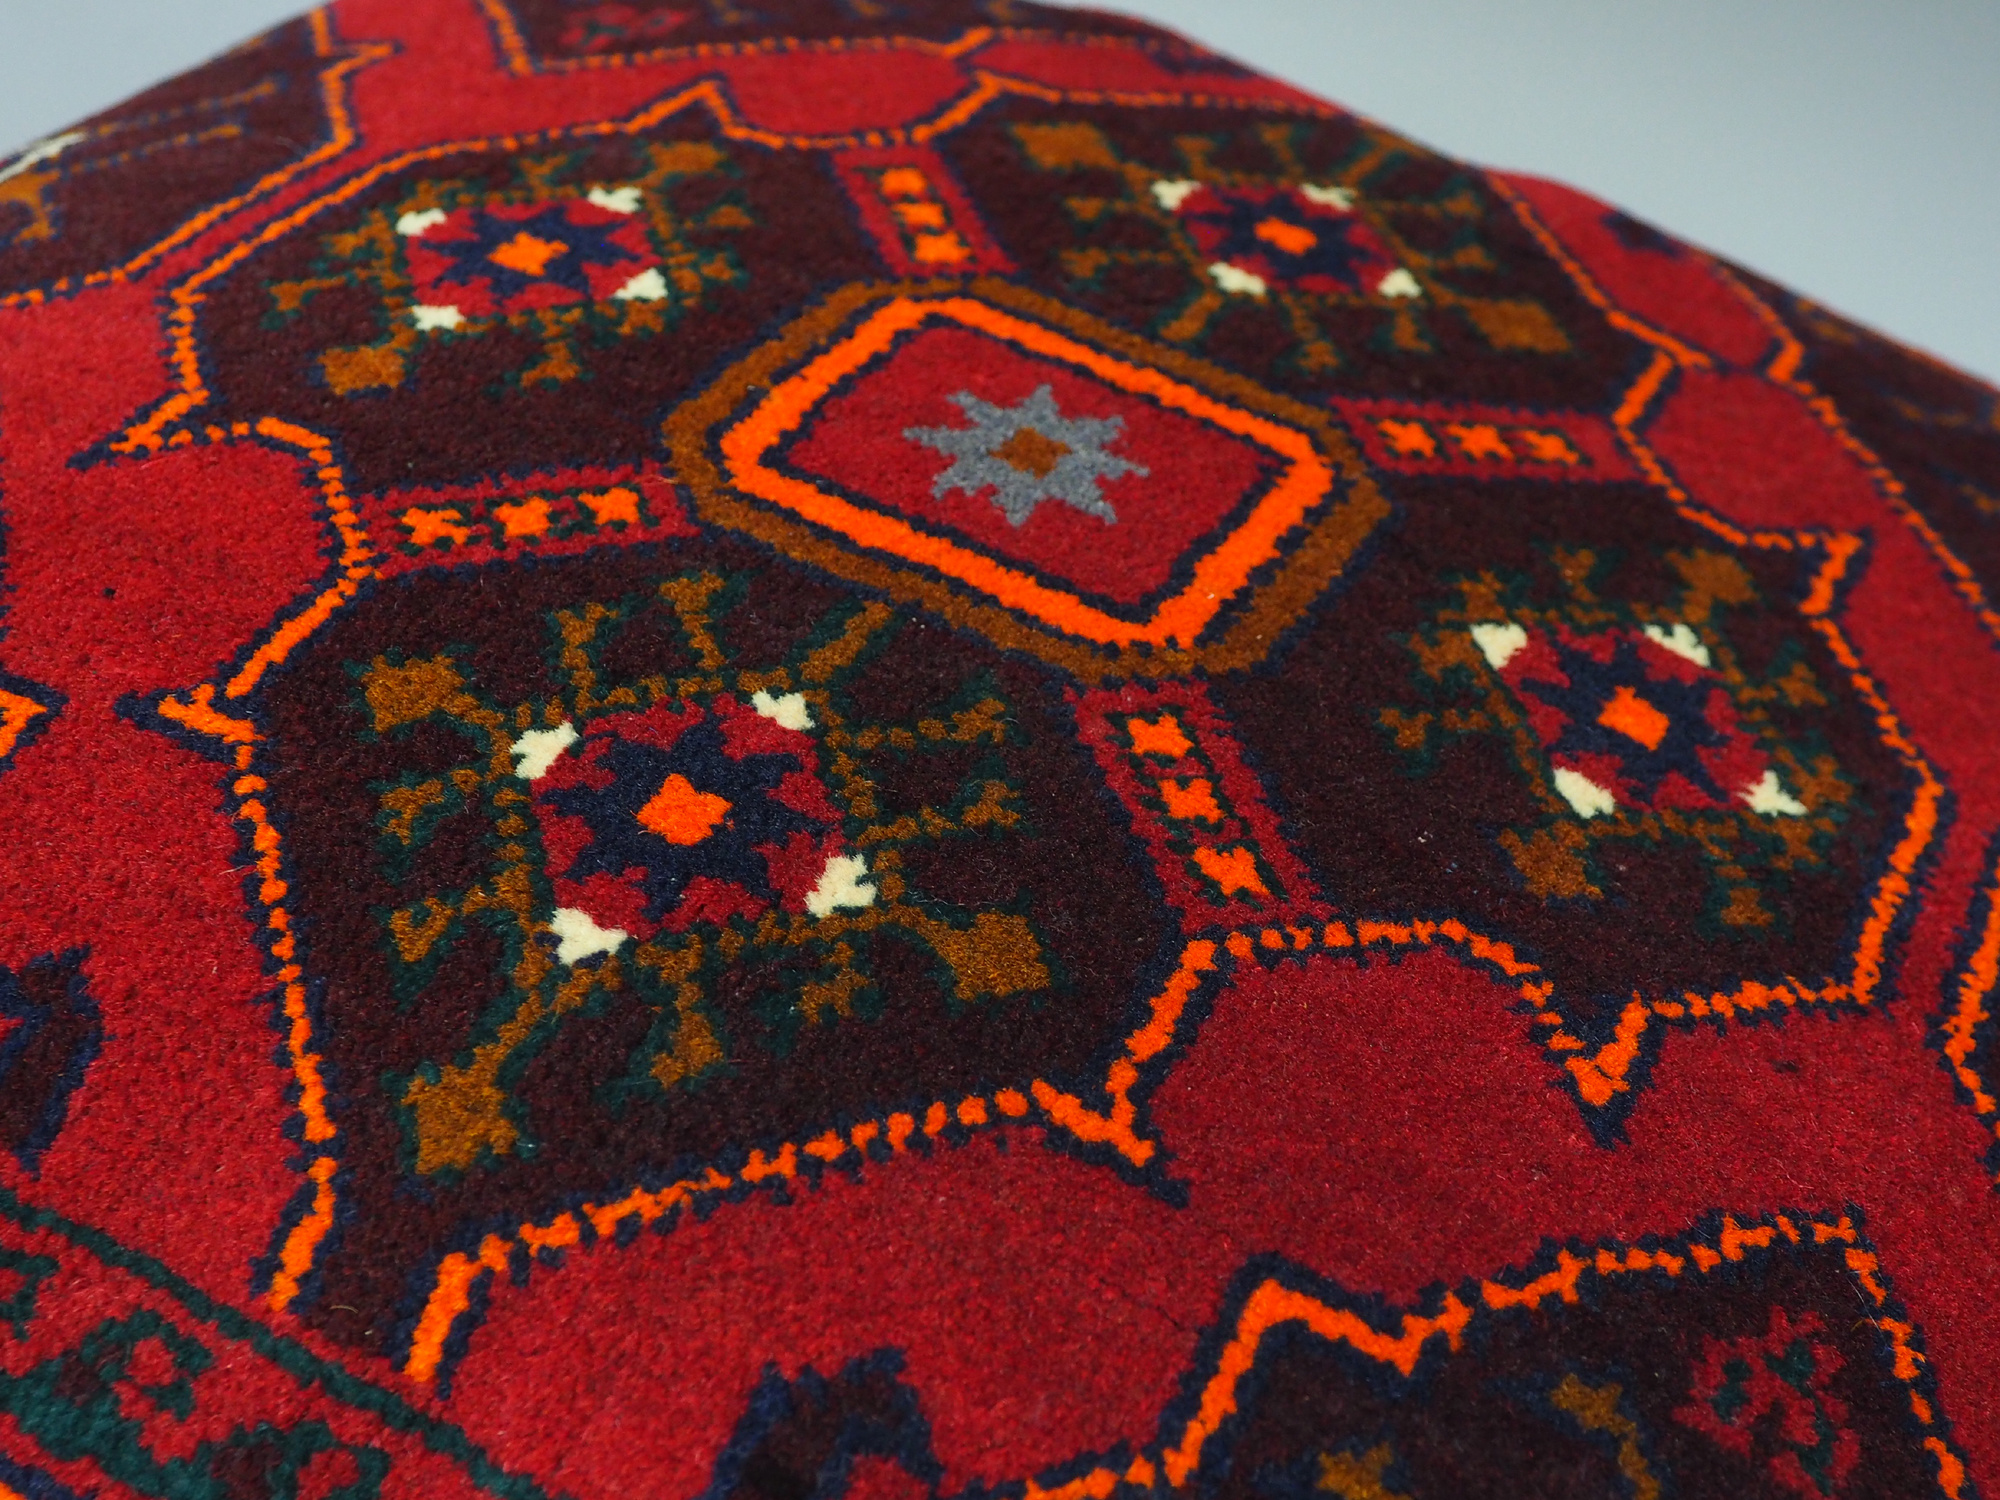 orient Afghan Tukmeische Teppich nomaden Handgeknüpft wollen Hochzeit Kissen sitzkissen bodenkissen cushion 1001-nacht aus Afghanistan BS/6